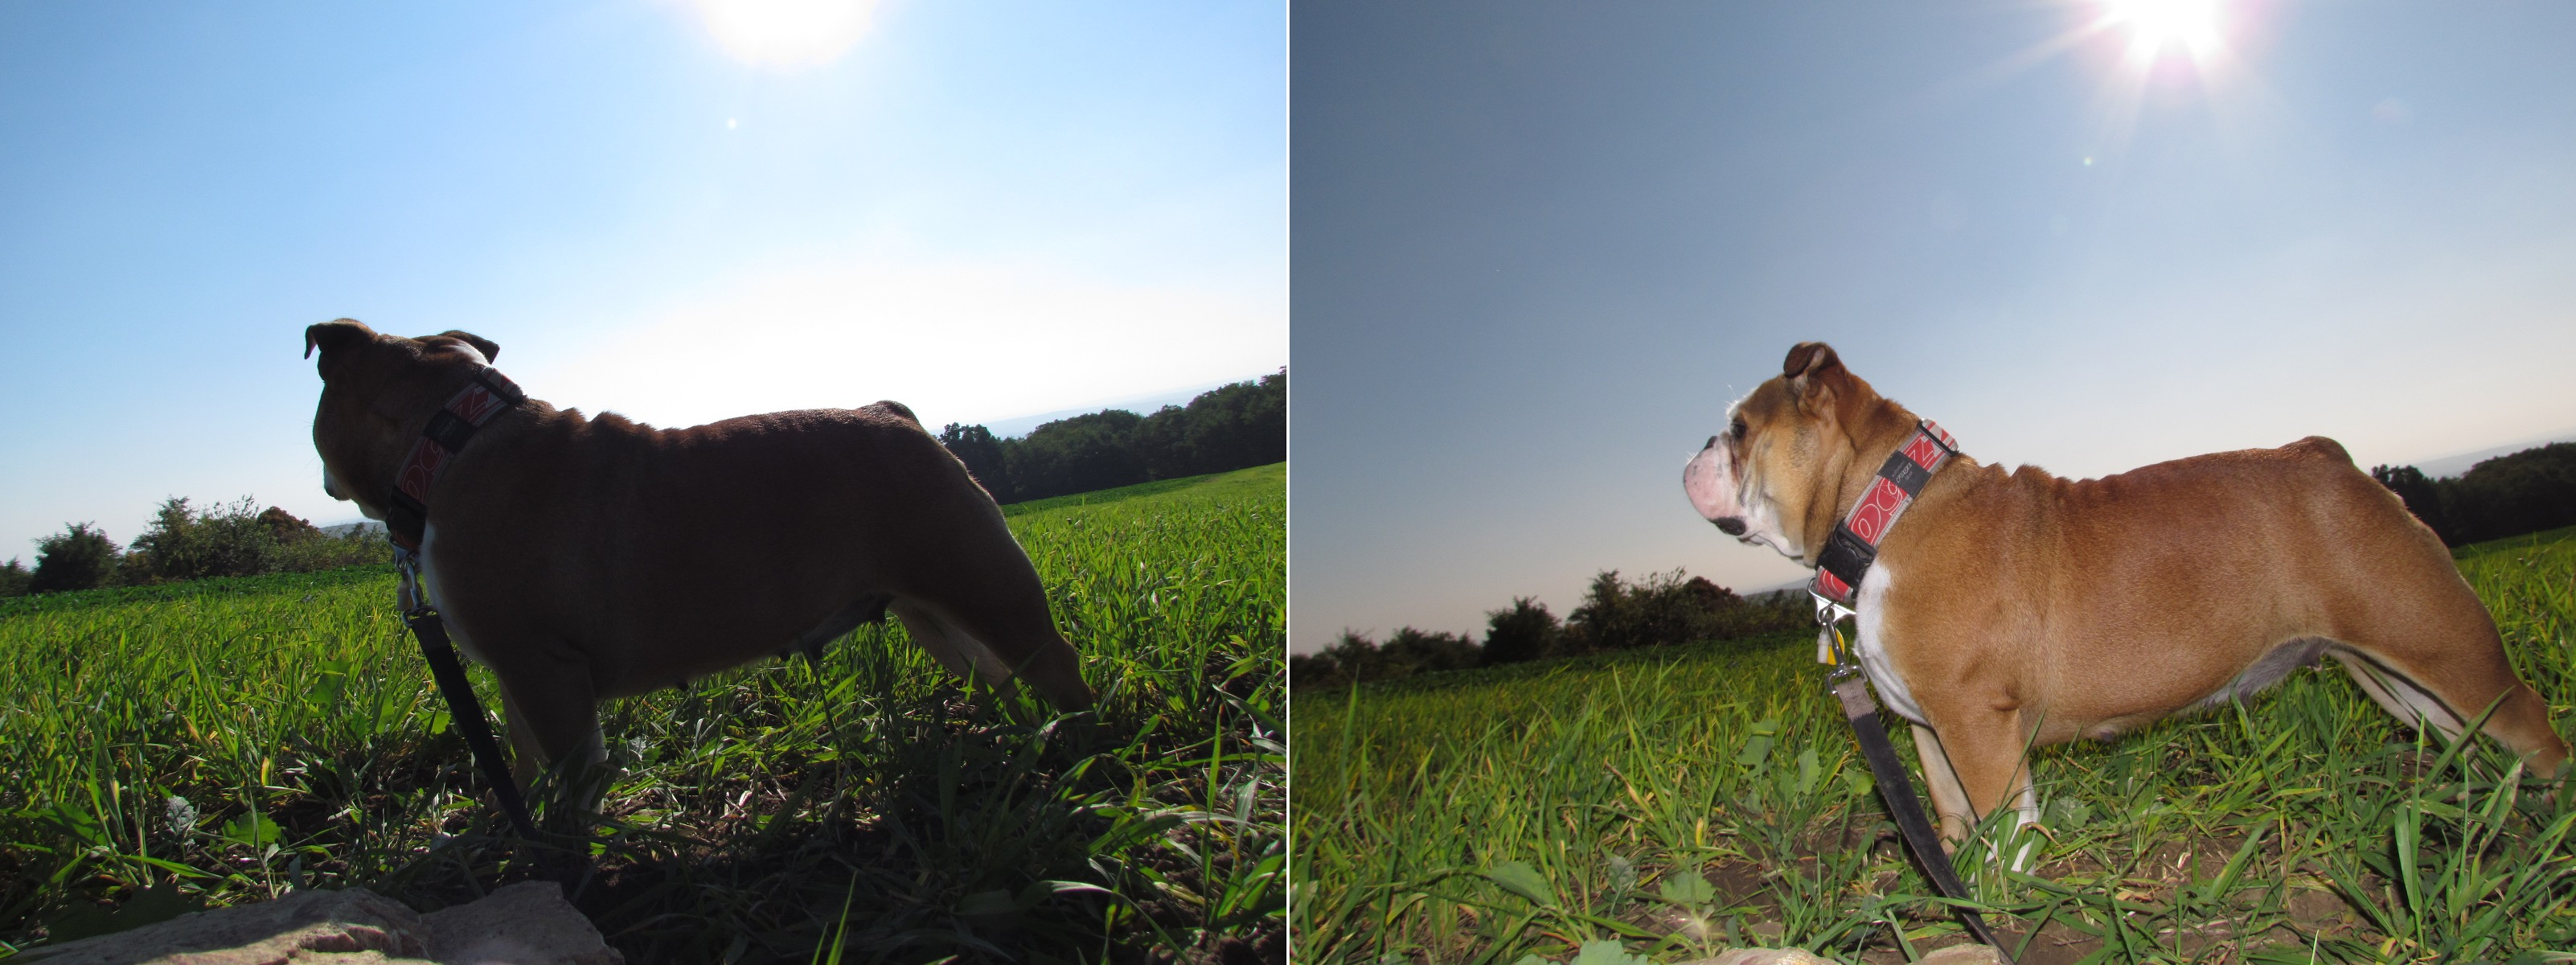 Vlevo je snímek bez použití blesku, vpravo pak s automaticky spuštěným bleskem v protisvětle